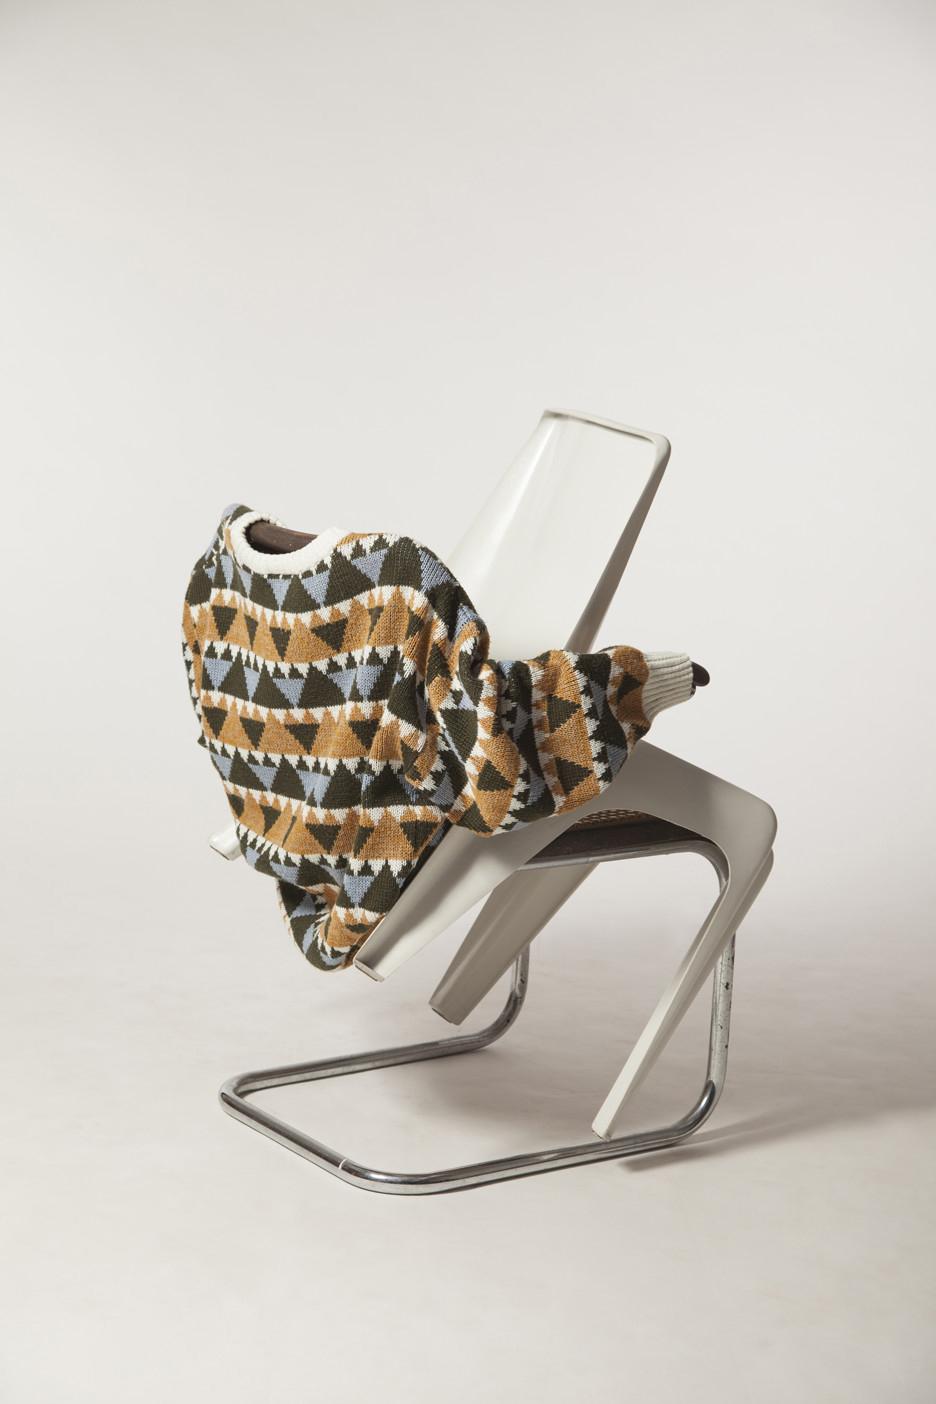 The Chair Affair by Lucas Maassen & Margriet Craens | Yellowtrace